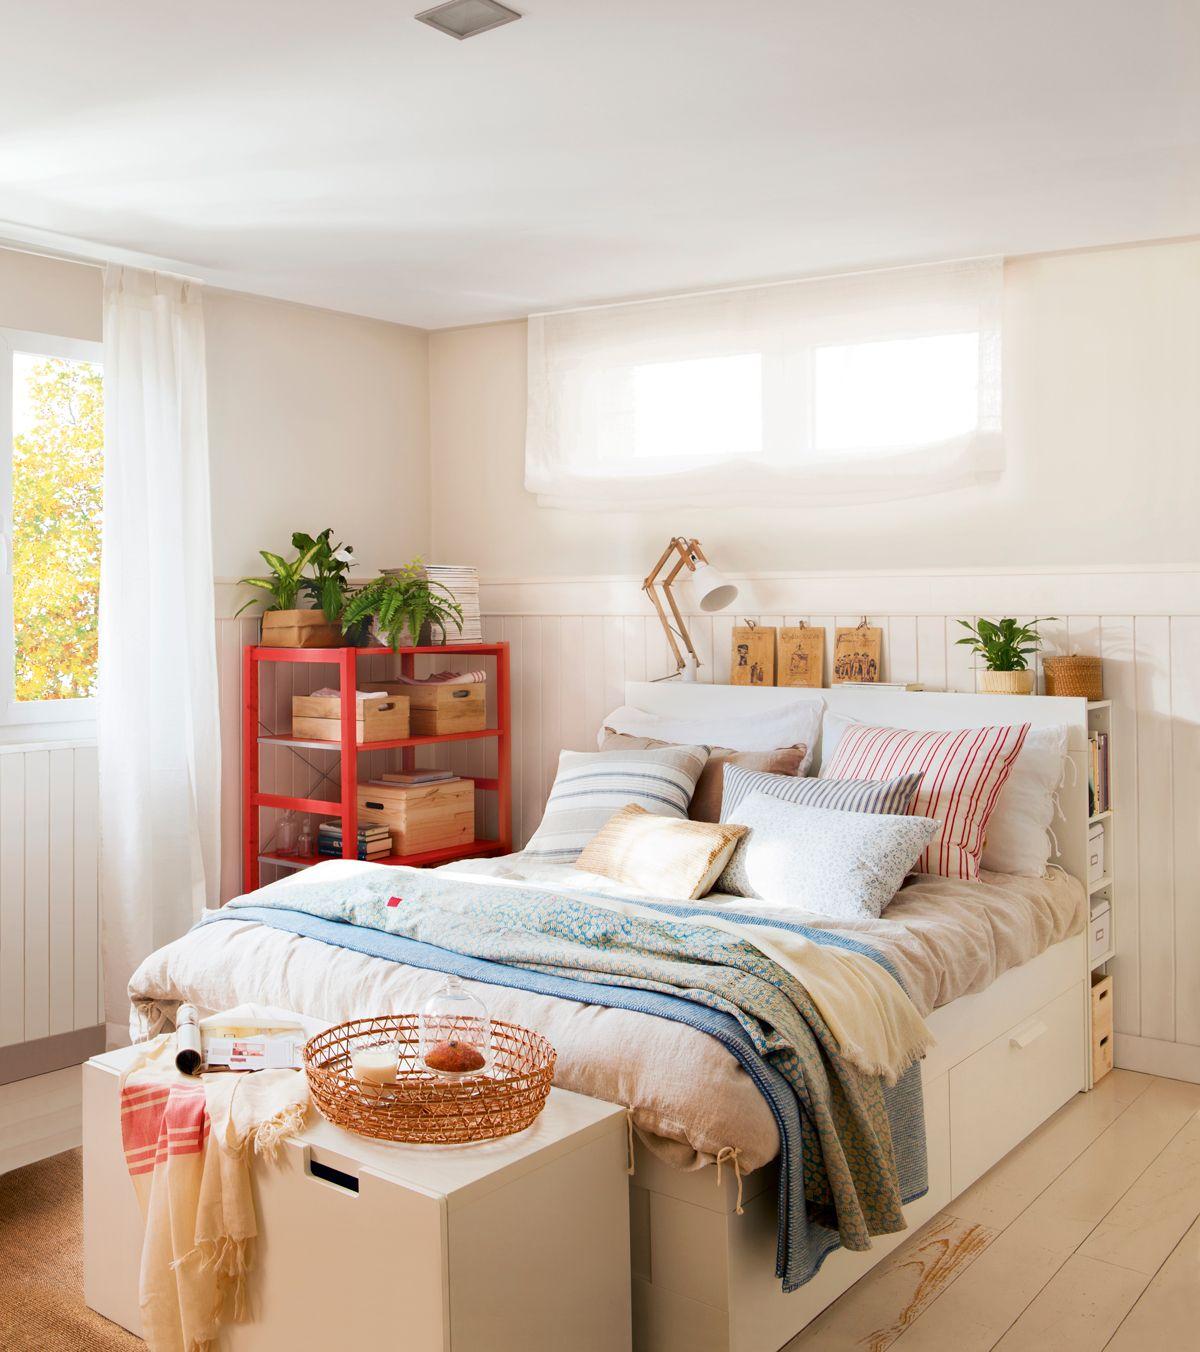 Dormitorio con cama canap cabecero para guardar y banco con cajones a pie de cama 00404507 - Bancos para dormitorio matrimonio ...